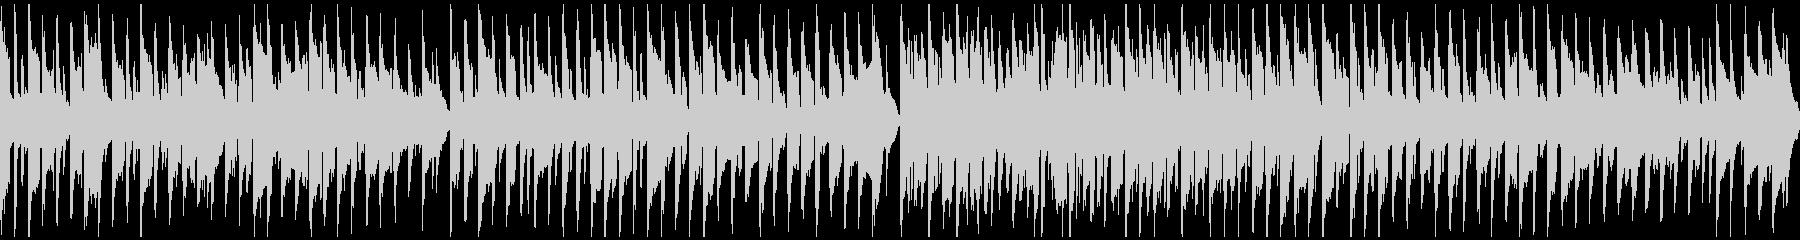 日常系リコーダー曲、へっぽこ ※ループ版の未再生の波形